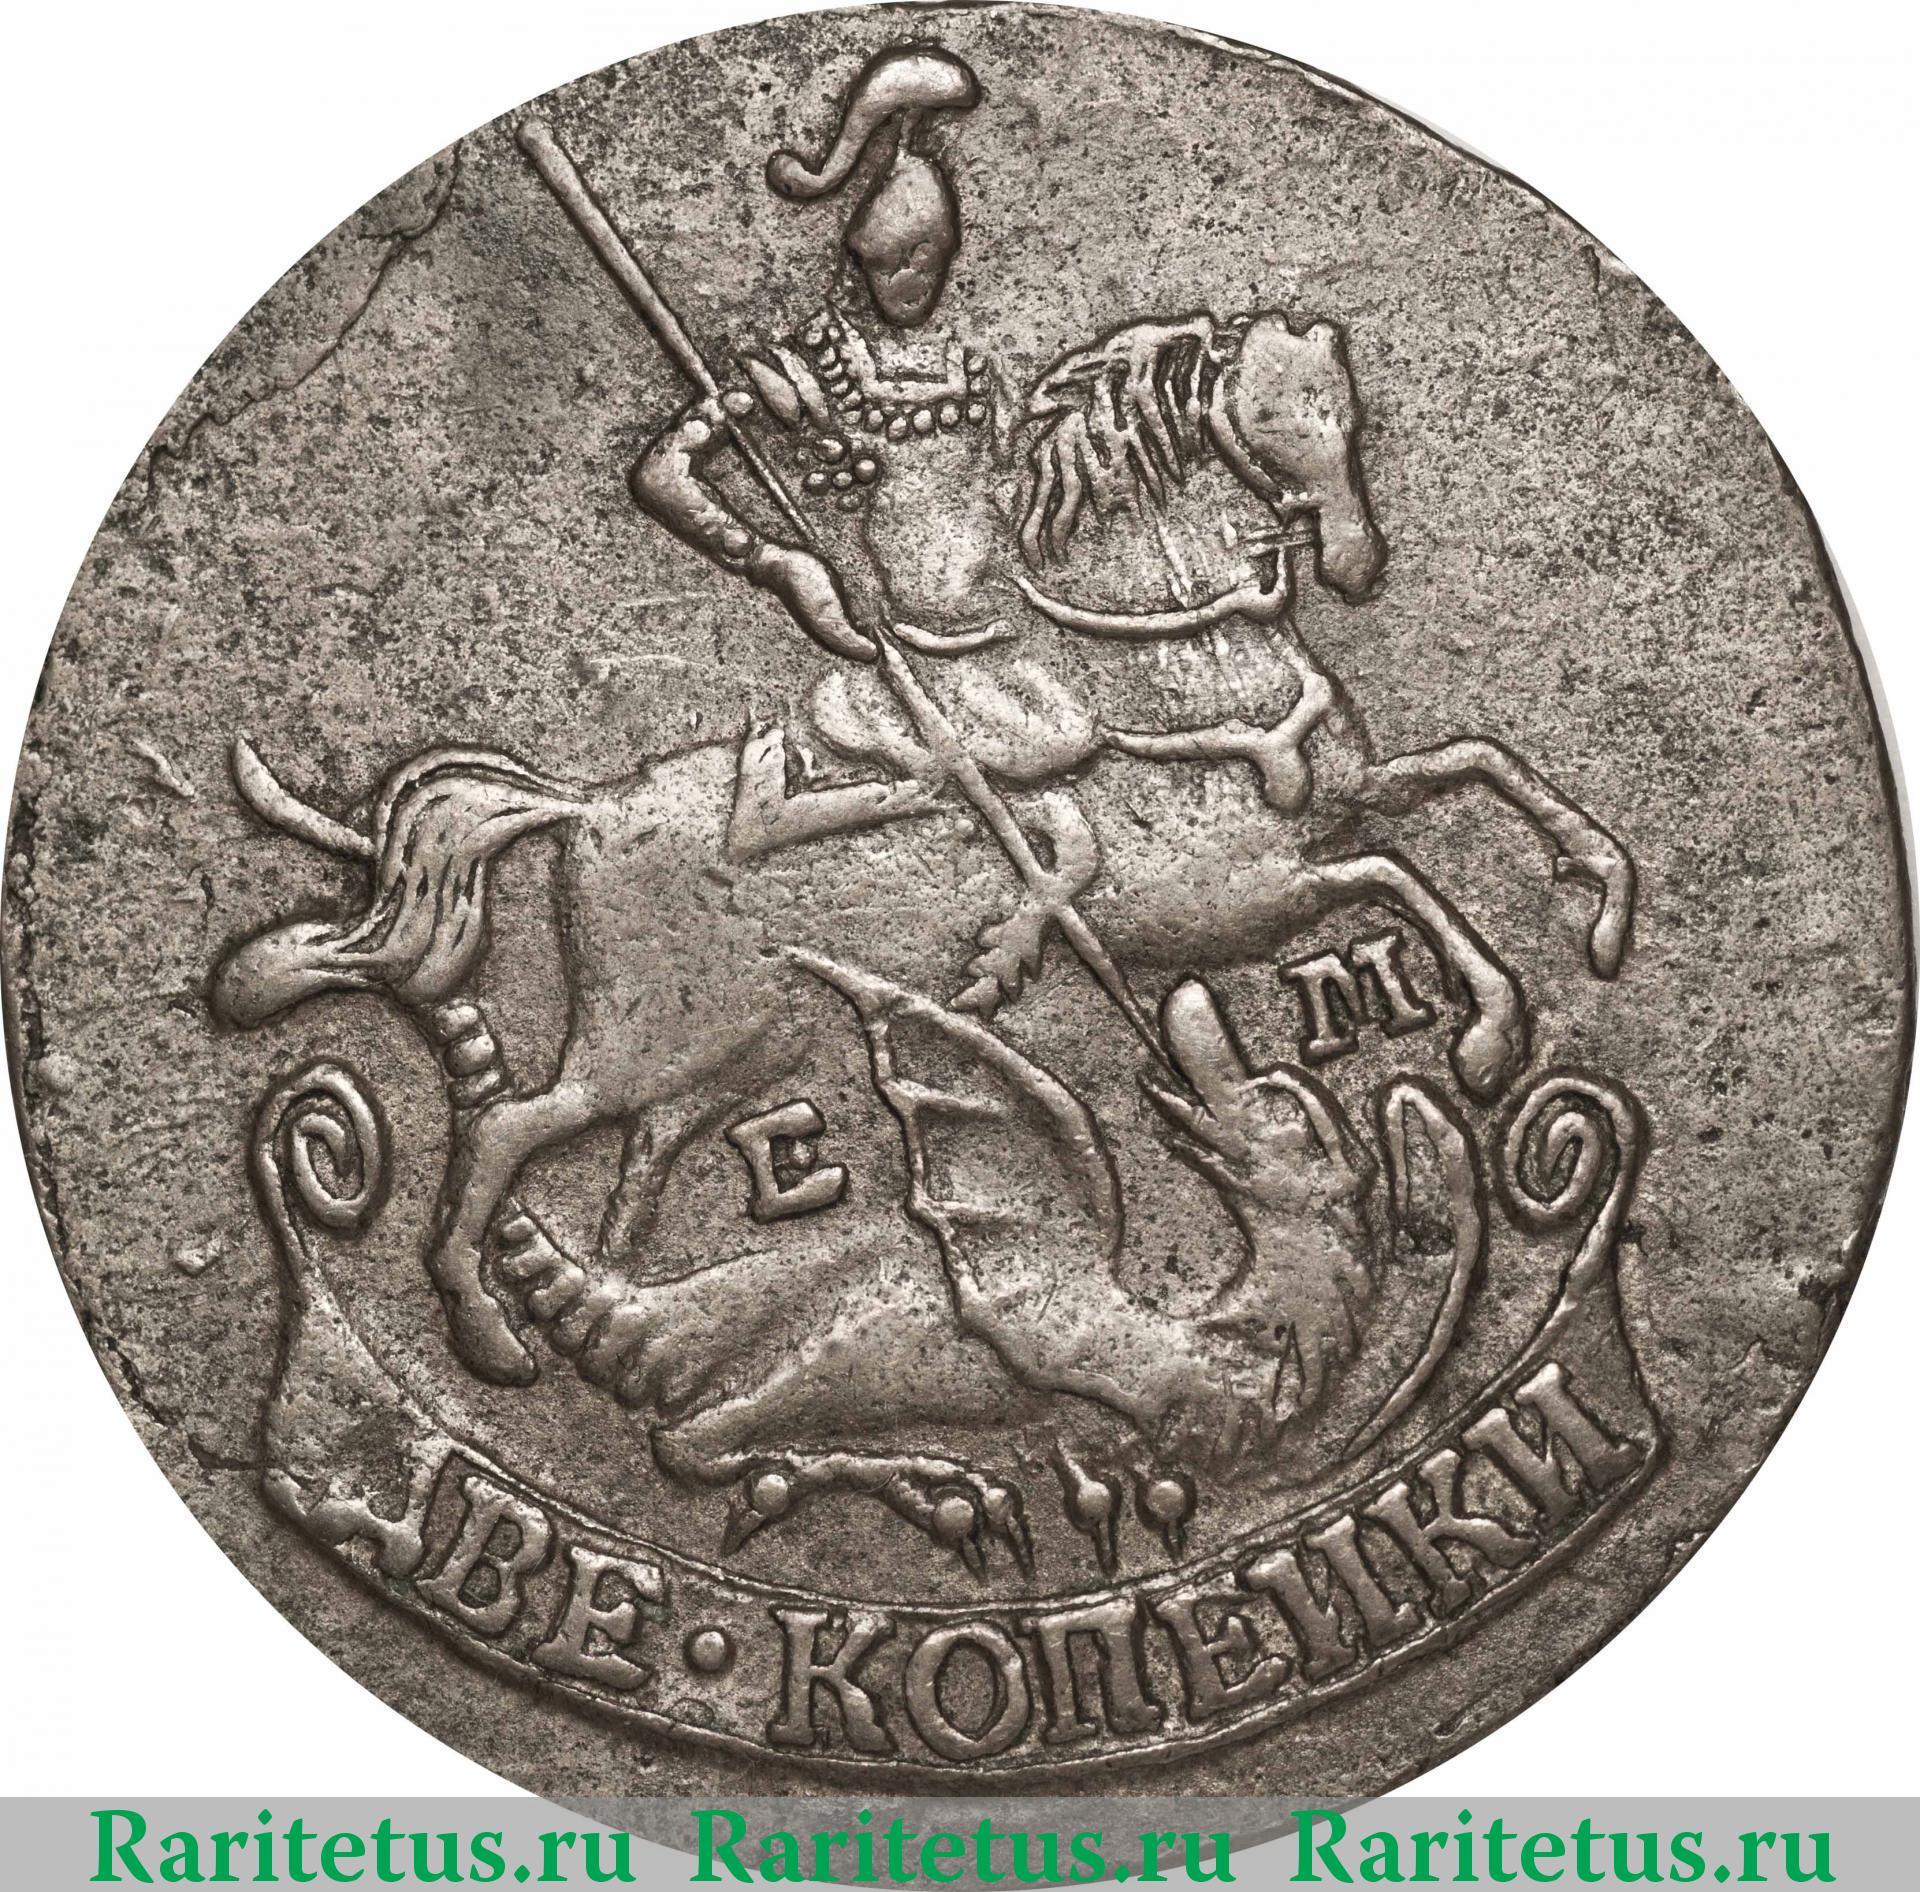 2 копейки 1777 года цена фото денег гривны для печати